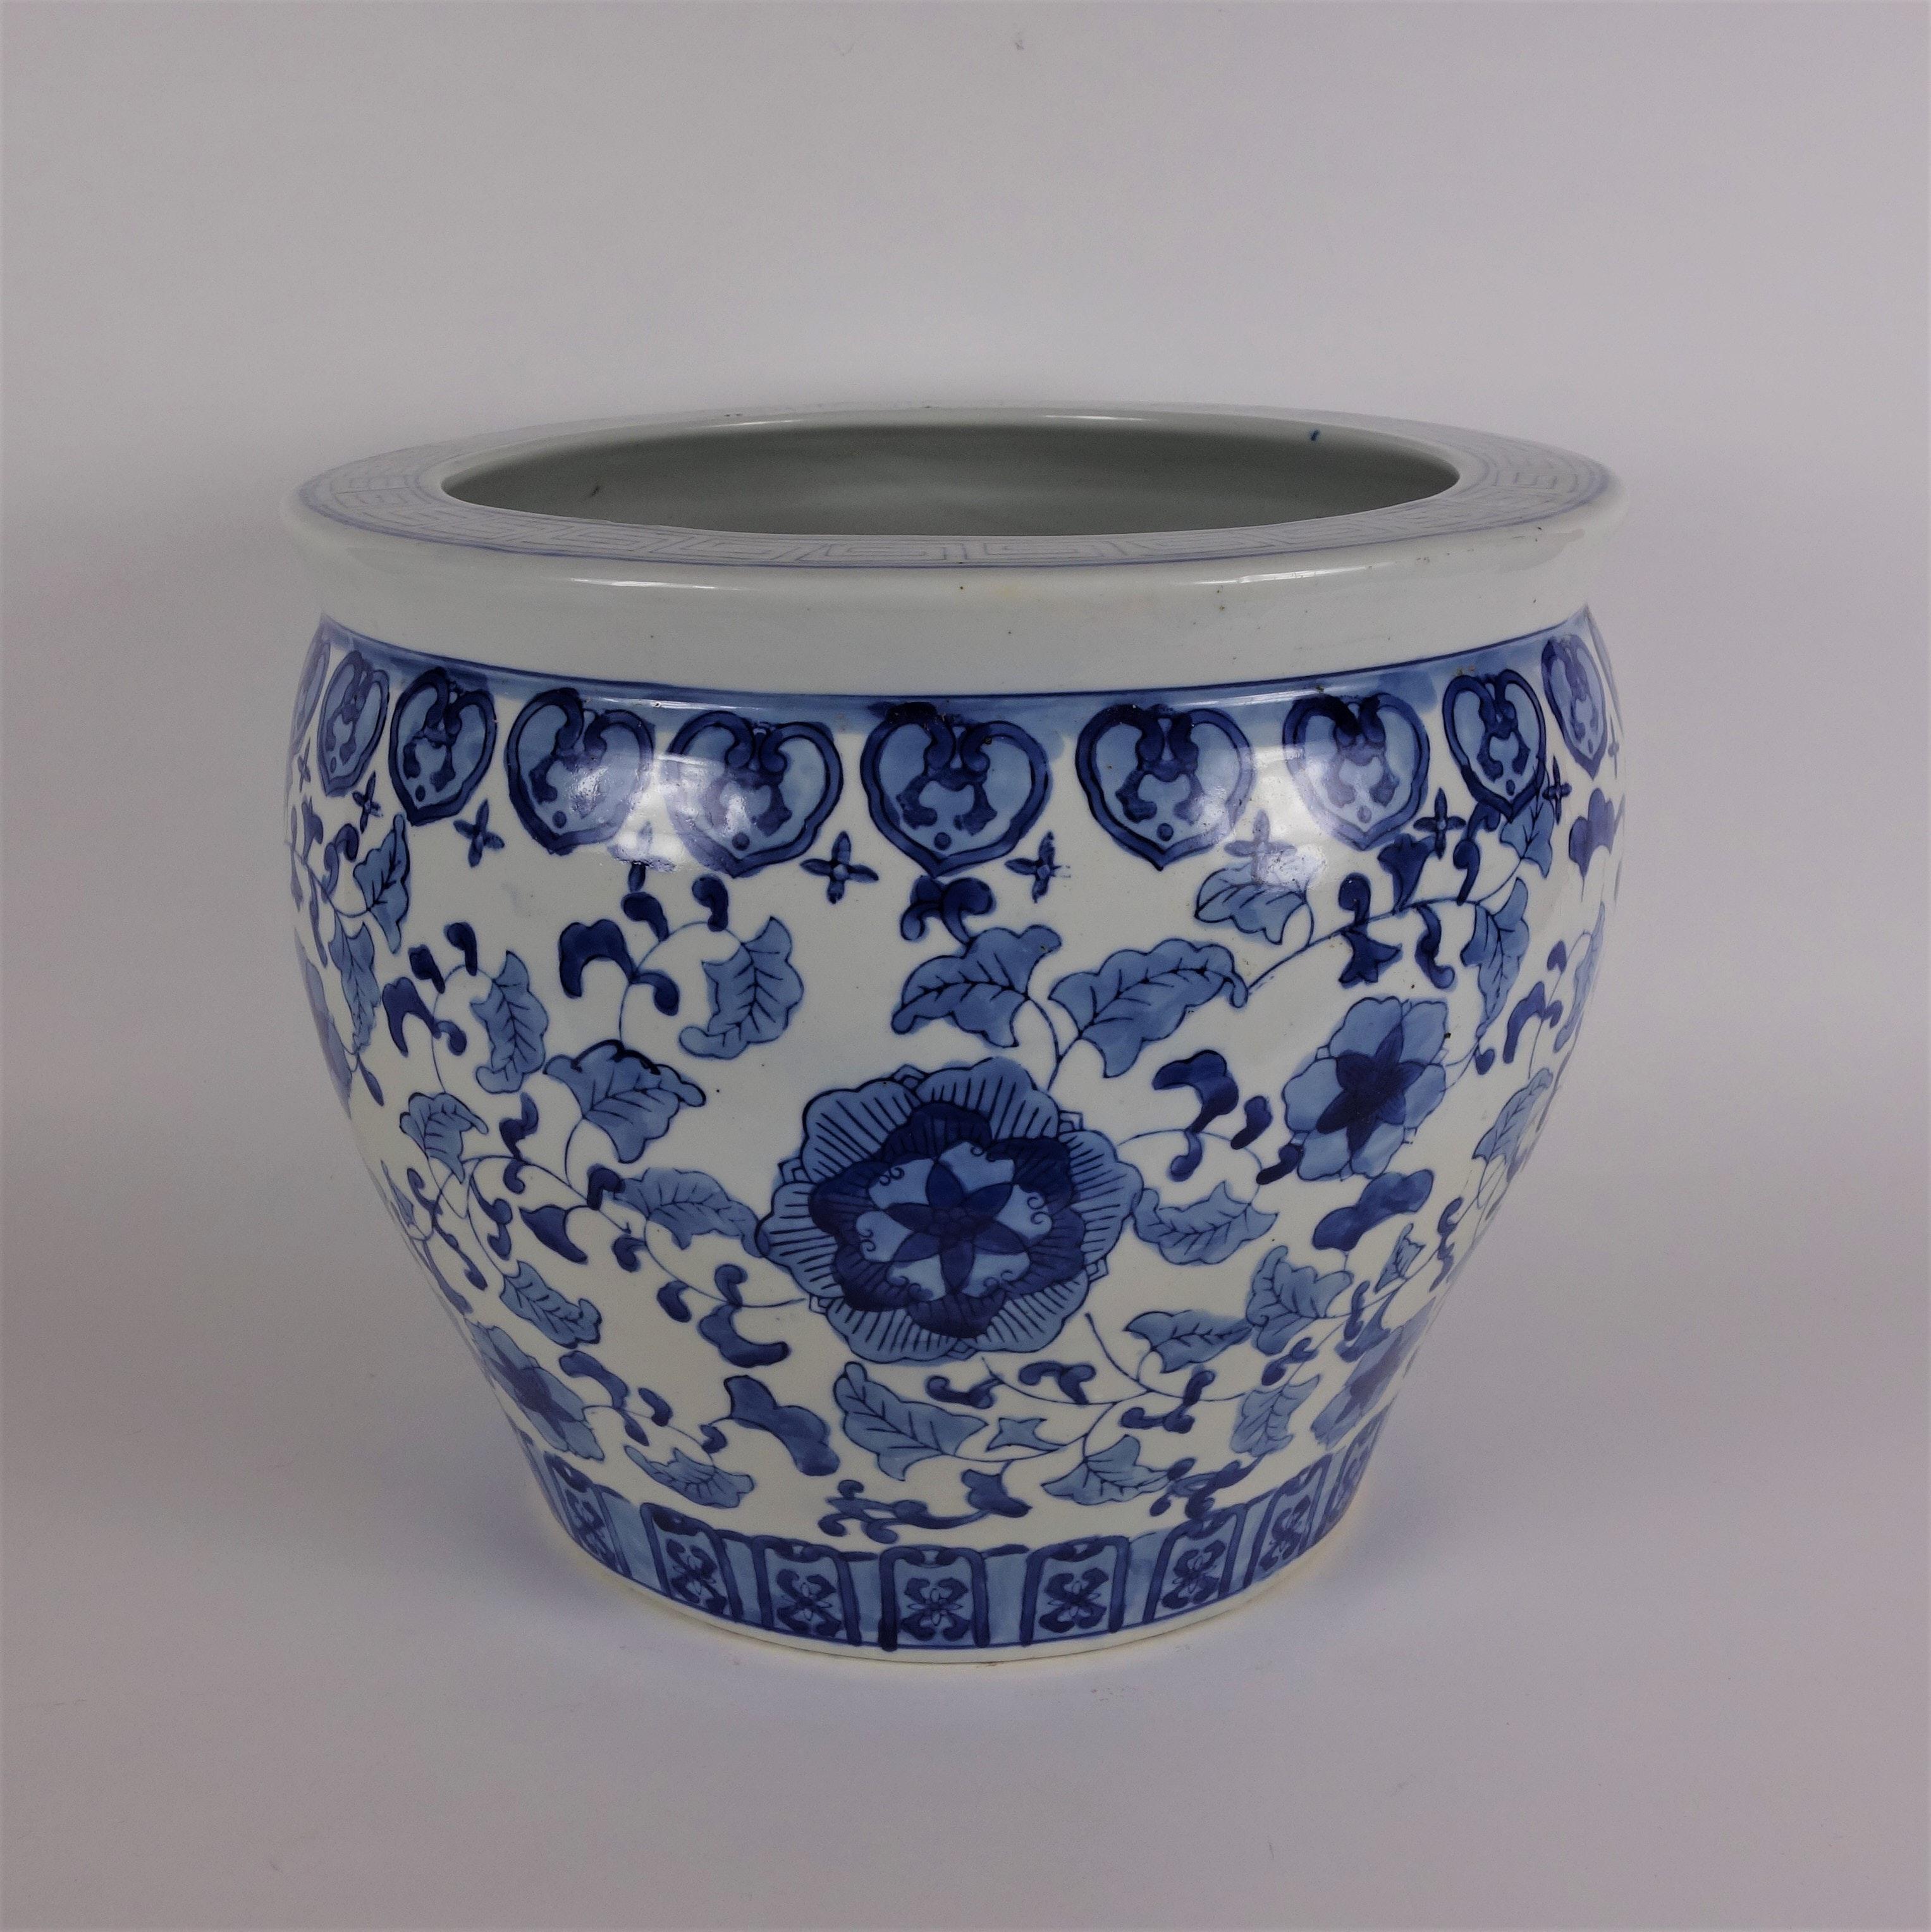 Asian Inspired Ceramic Flower Pot